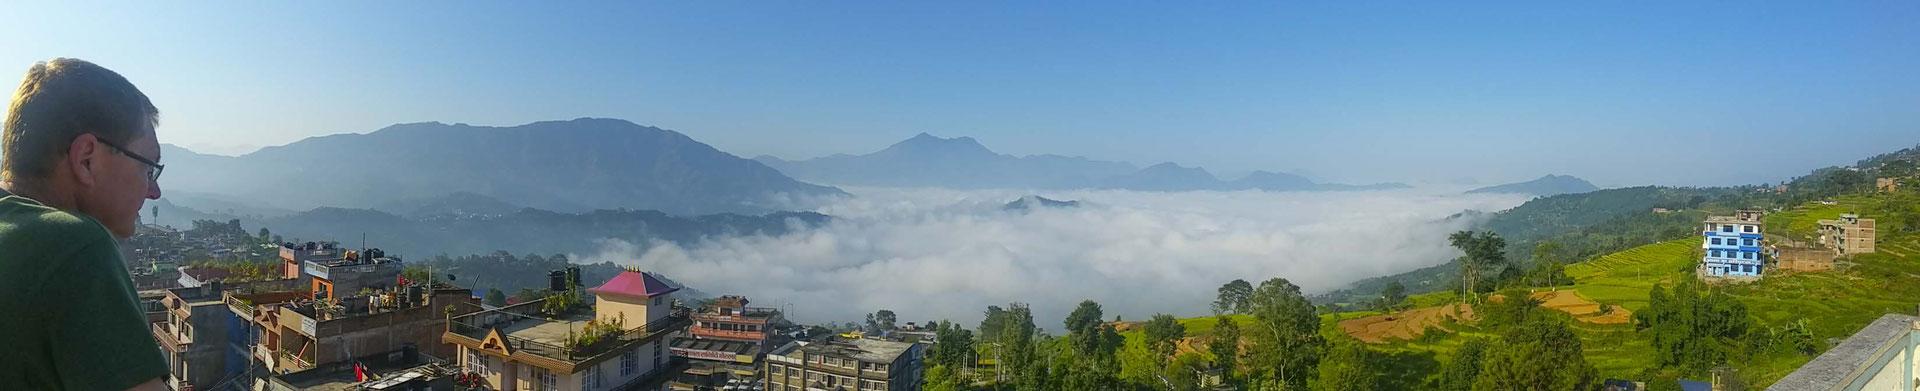 Blick auf das Tal unterhalb von Gorkha.